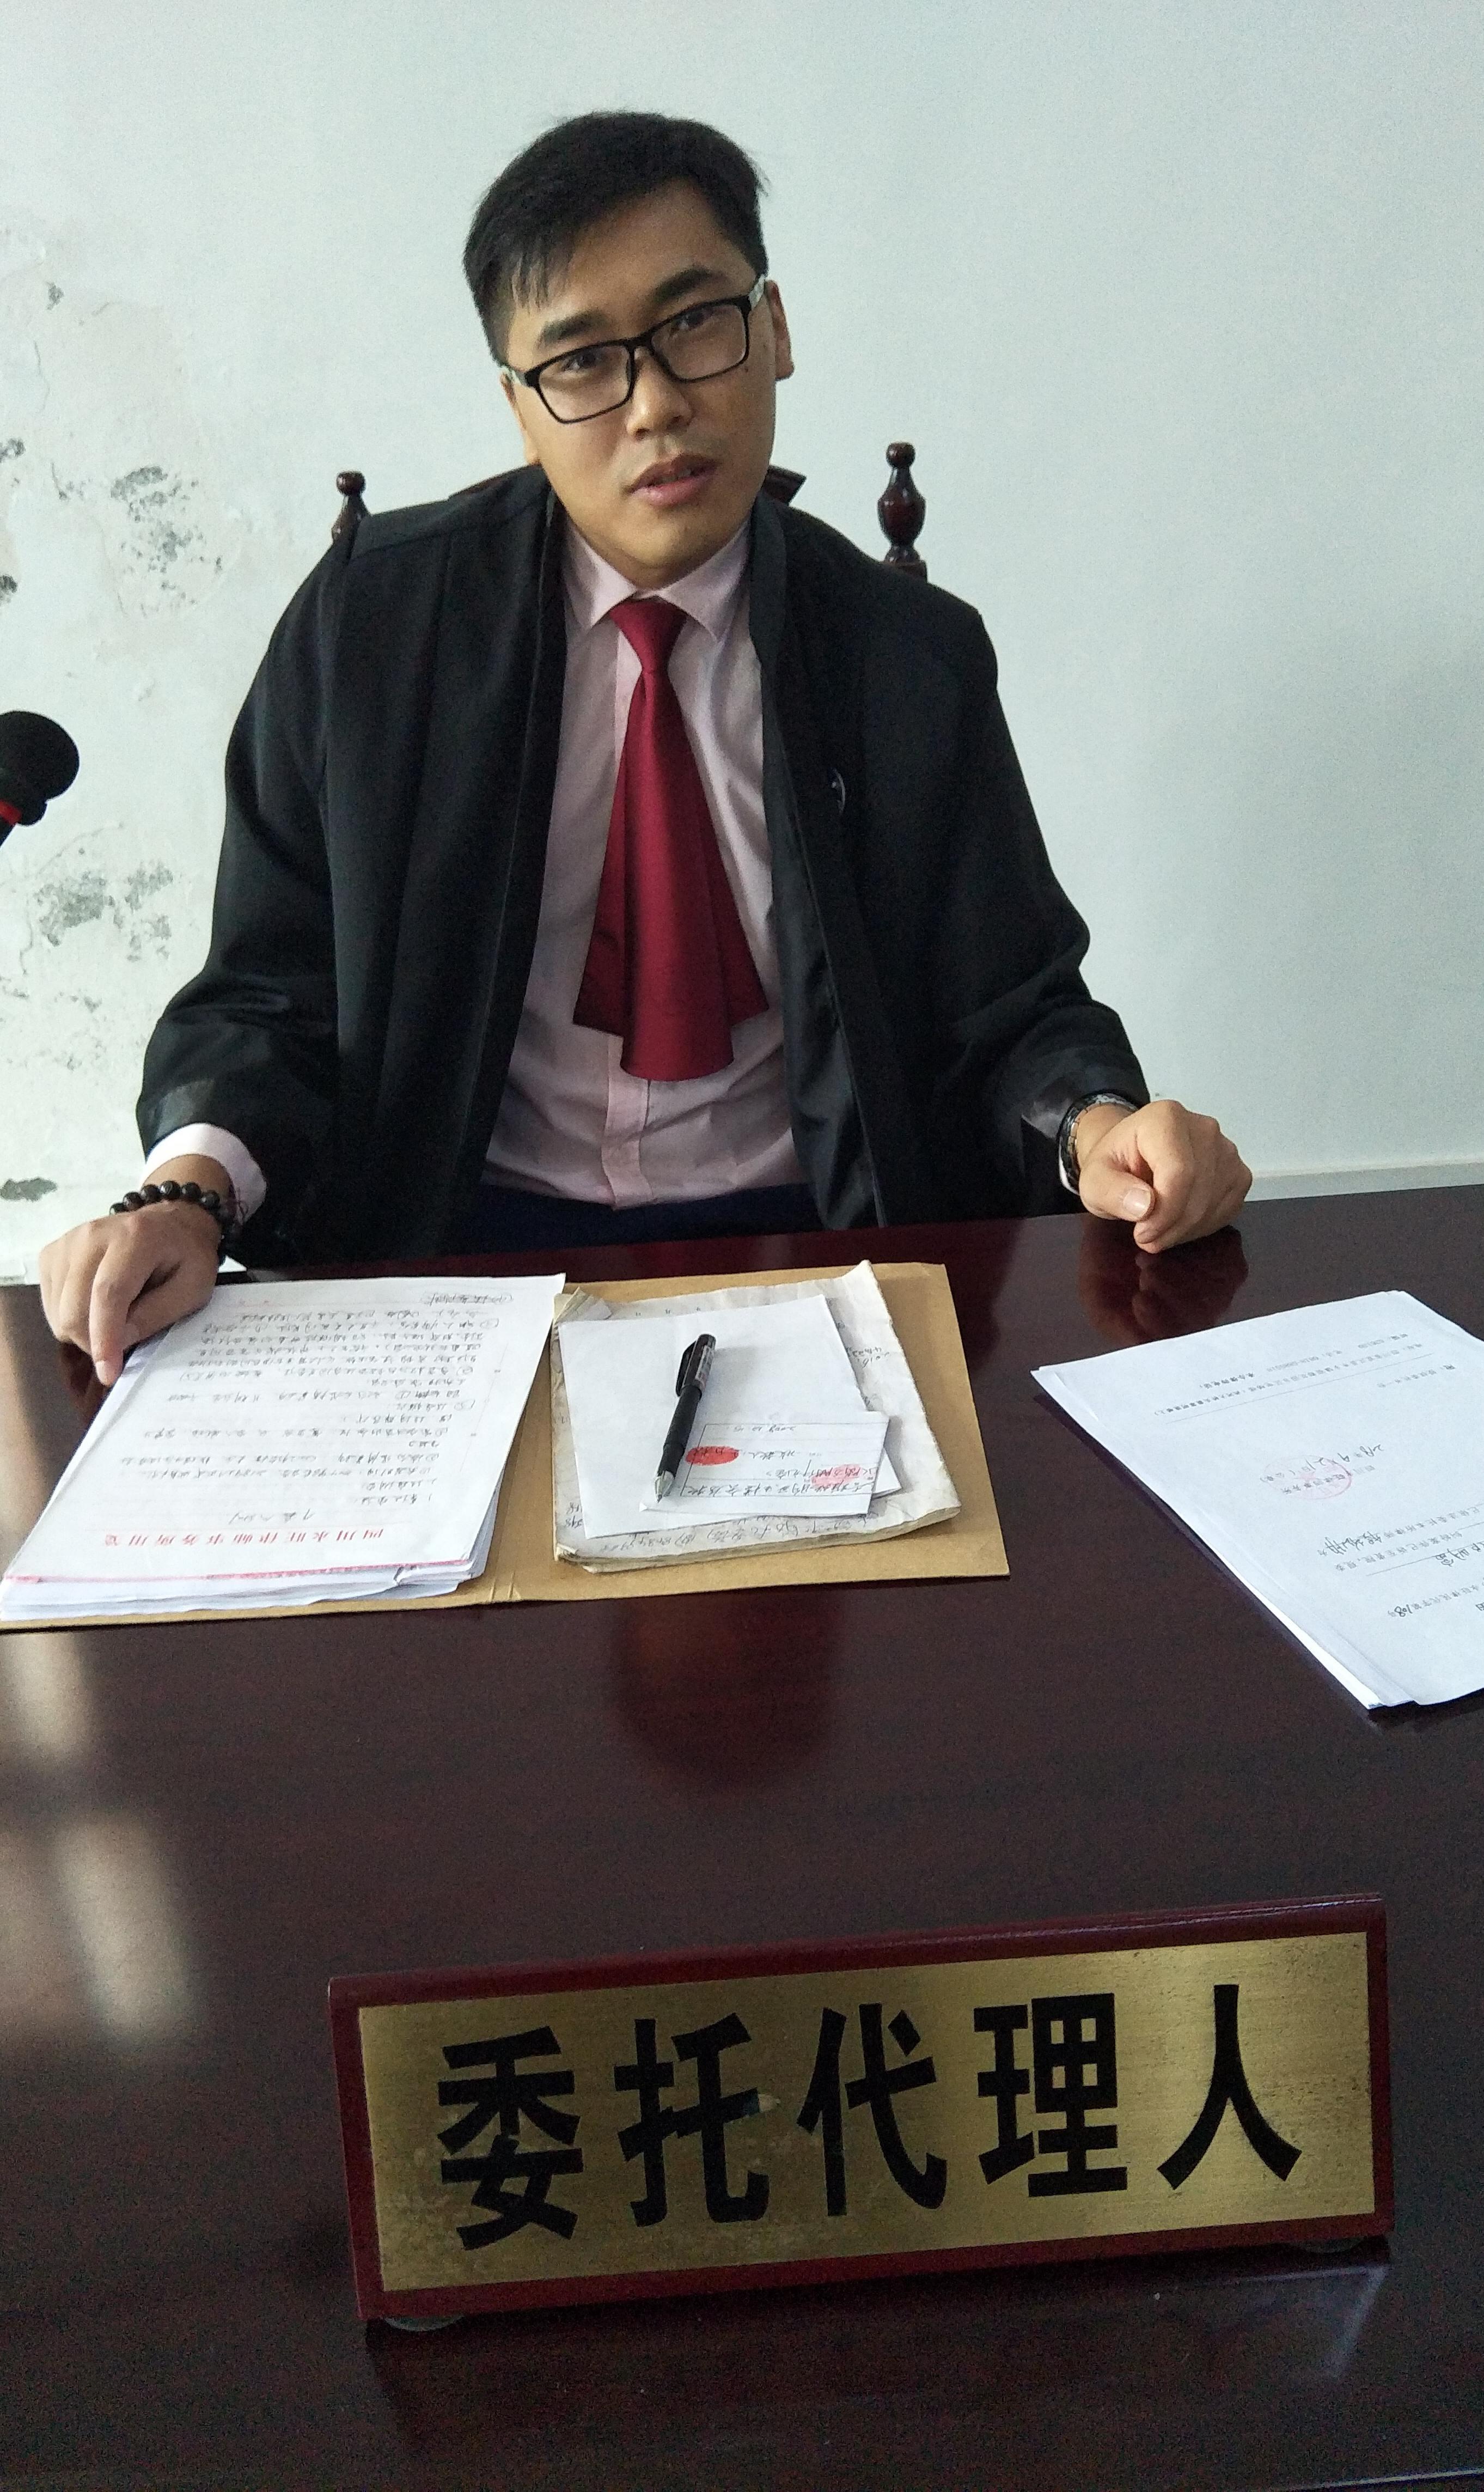 离婚案件开庭